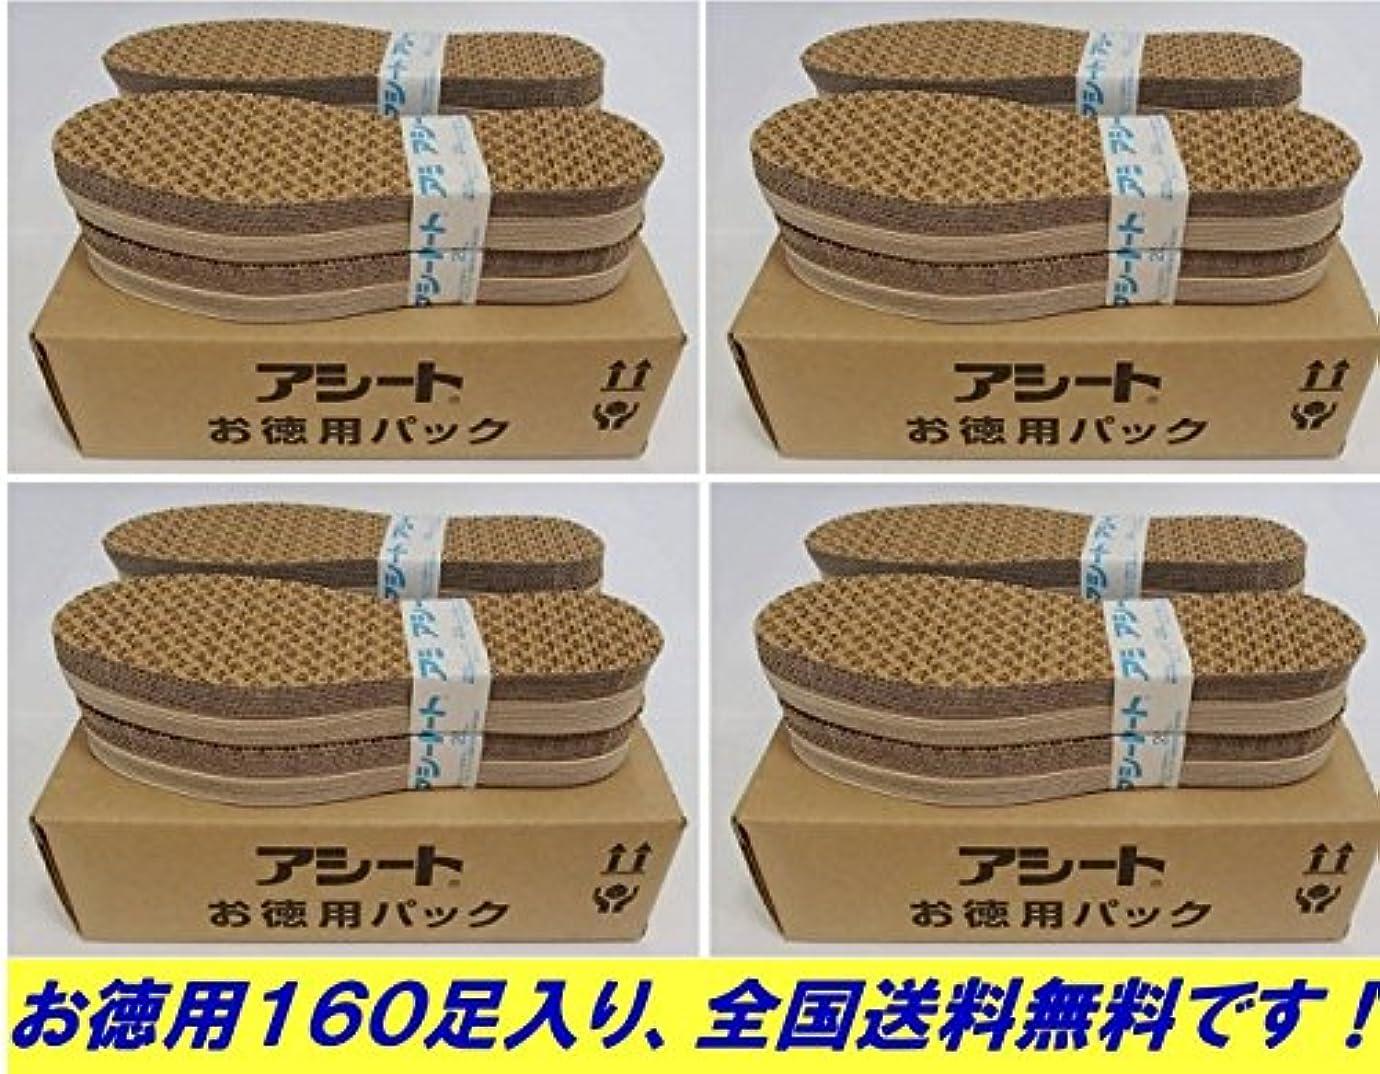 つかの間超越する病院アシートOタイプ40足入お徳用4パックの160足セット (25.5~26cm 男性靴用)